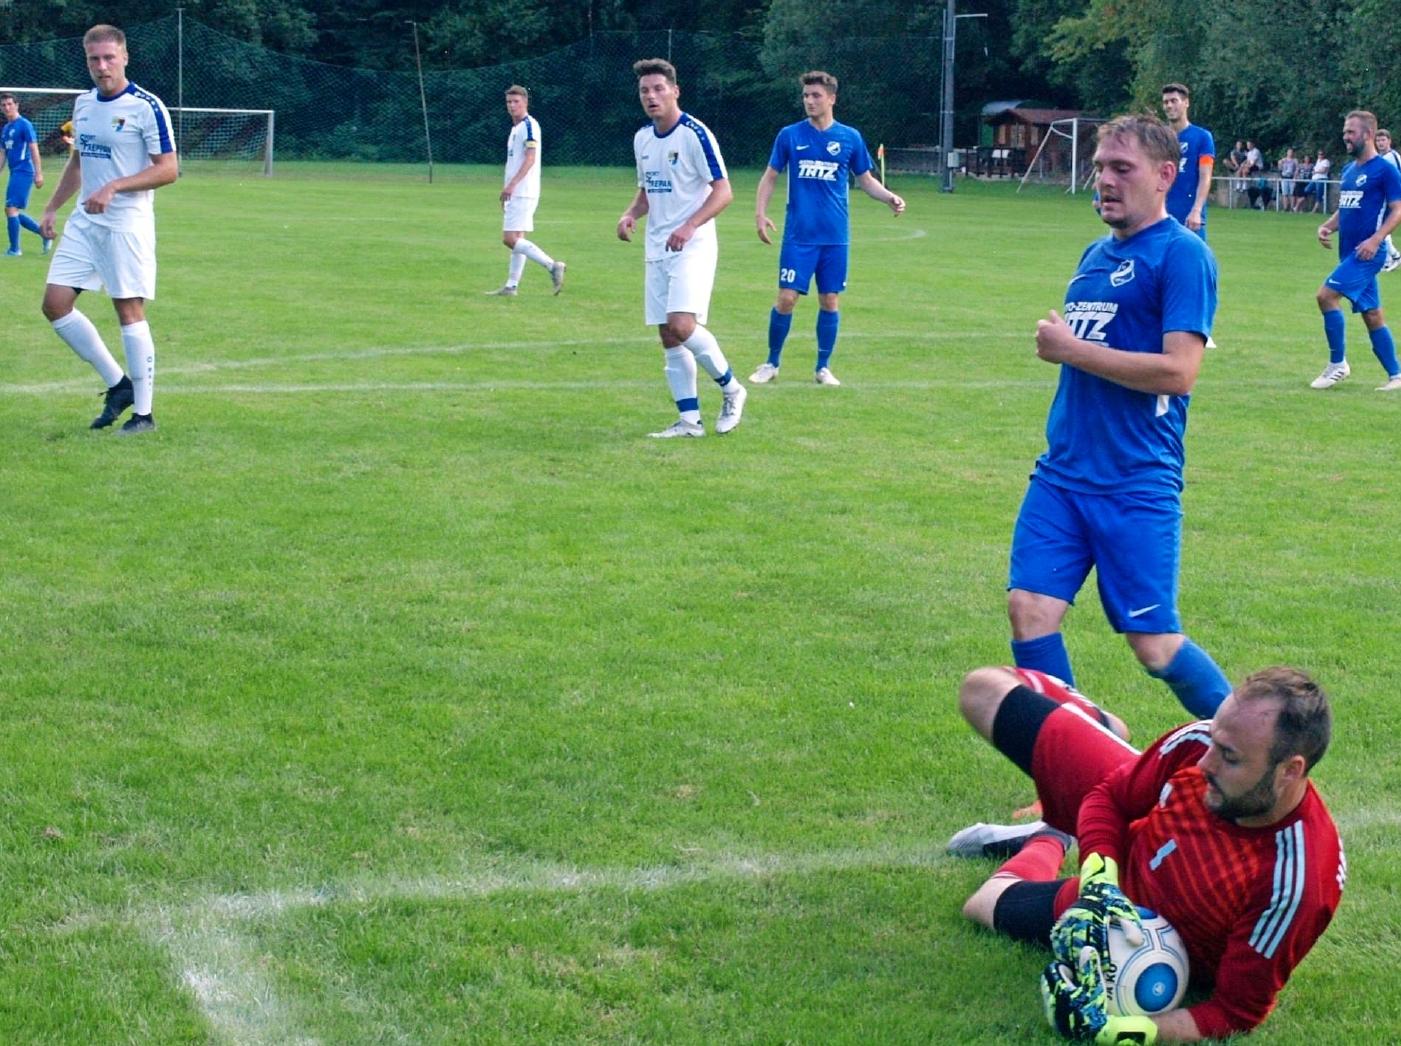 Kaum ein Durchkommen gab es für den SV Schluchtern (blaue Trikots) im Pokalspiel gegen die SGM Tiefenbach/Höchstberg. Und wenn doch war bei Keeper Daniel Hamberger meist Endstation. Foto: Martin Oheim